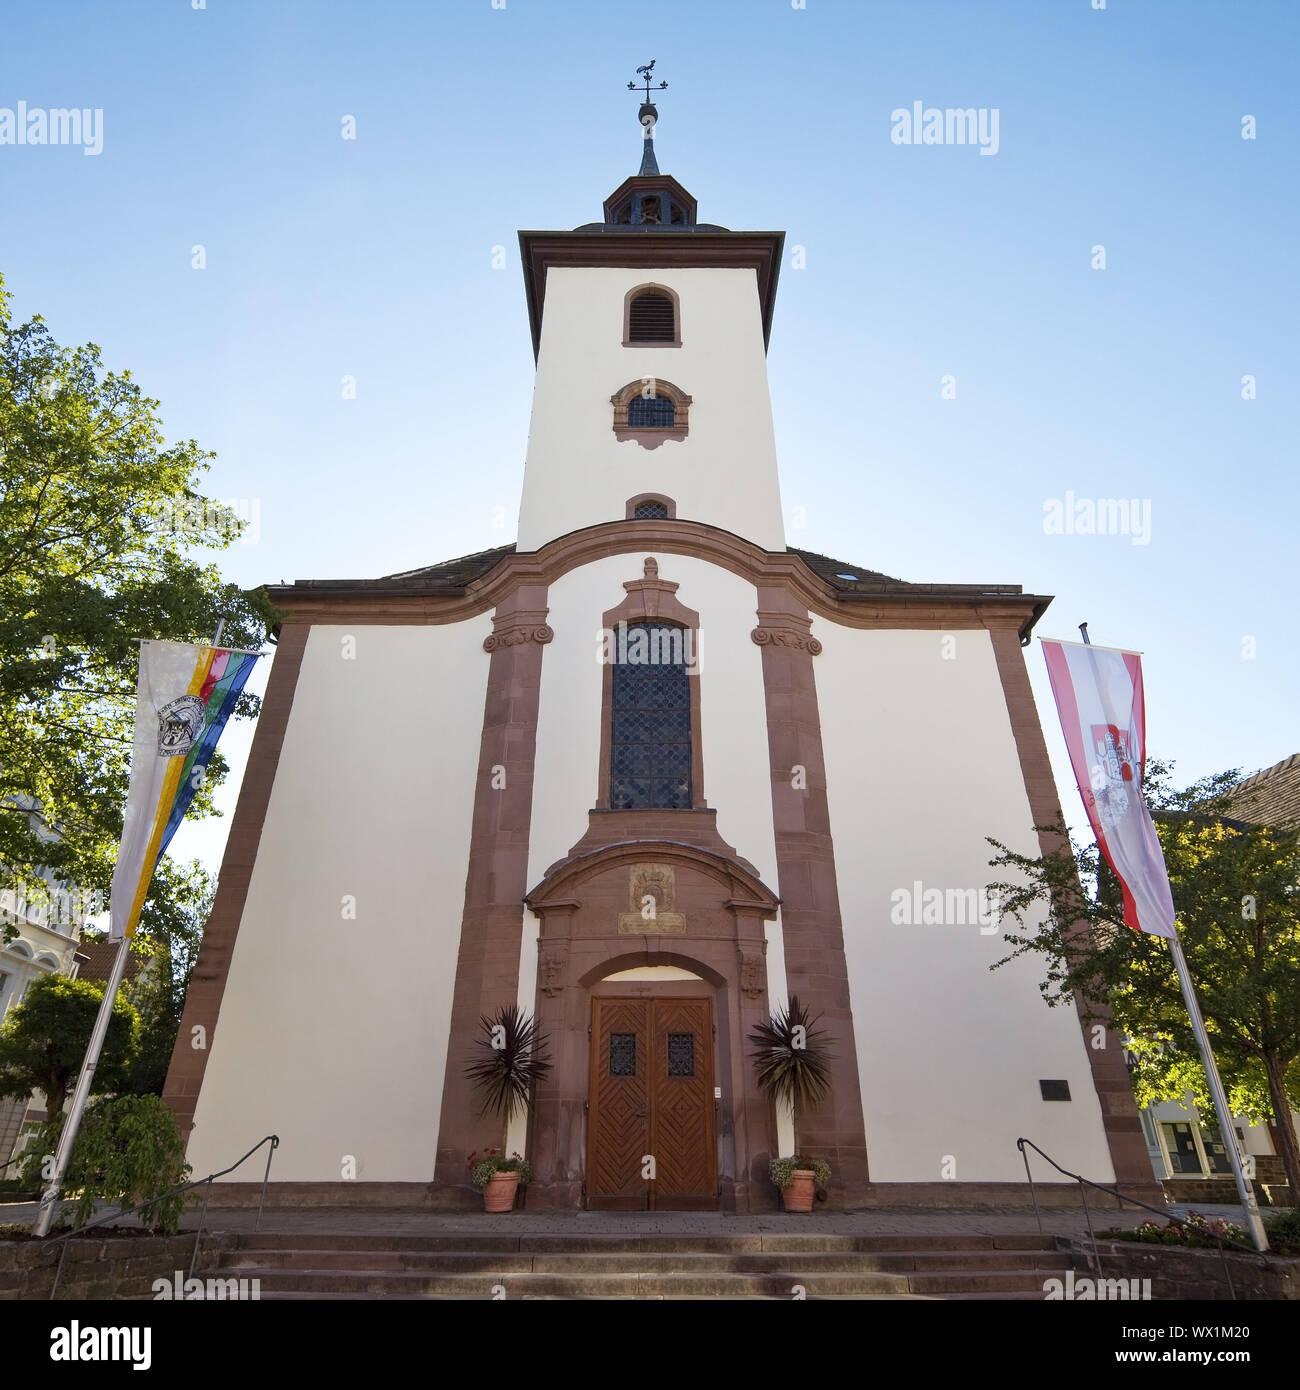 L'église Saint Nikolai, vieille ville, Hoexter, Weserbergland, Nordrhein-Westfalen, Germany, Europe Banque D'Images